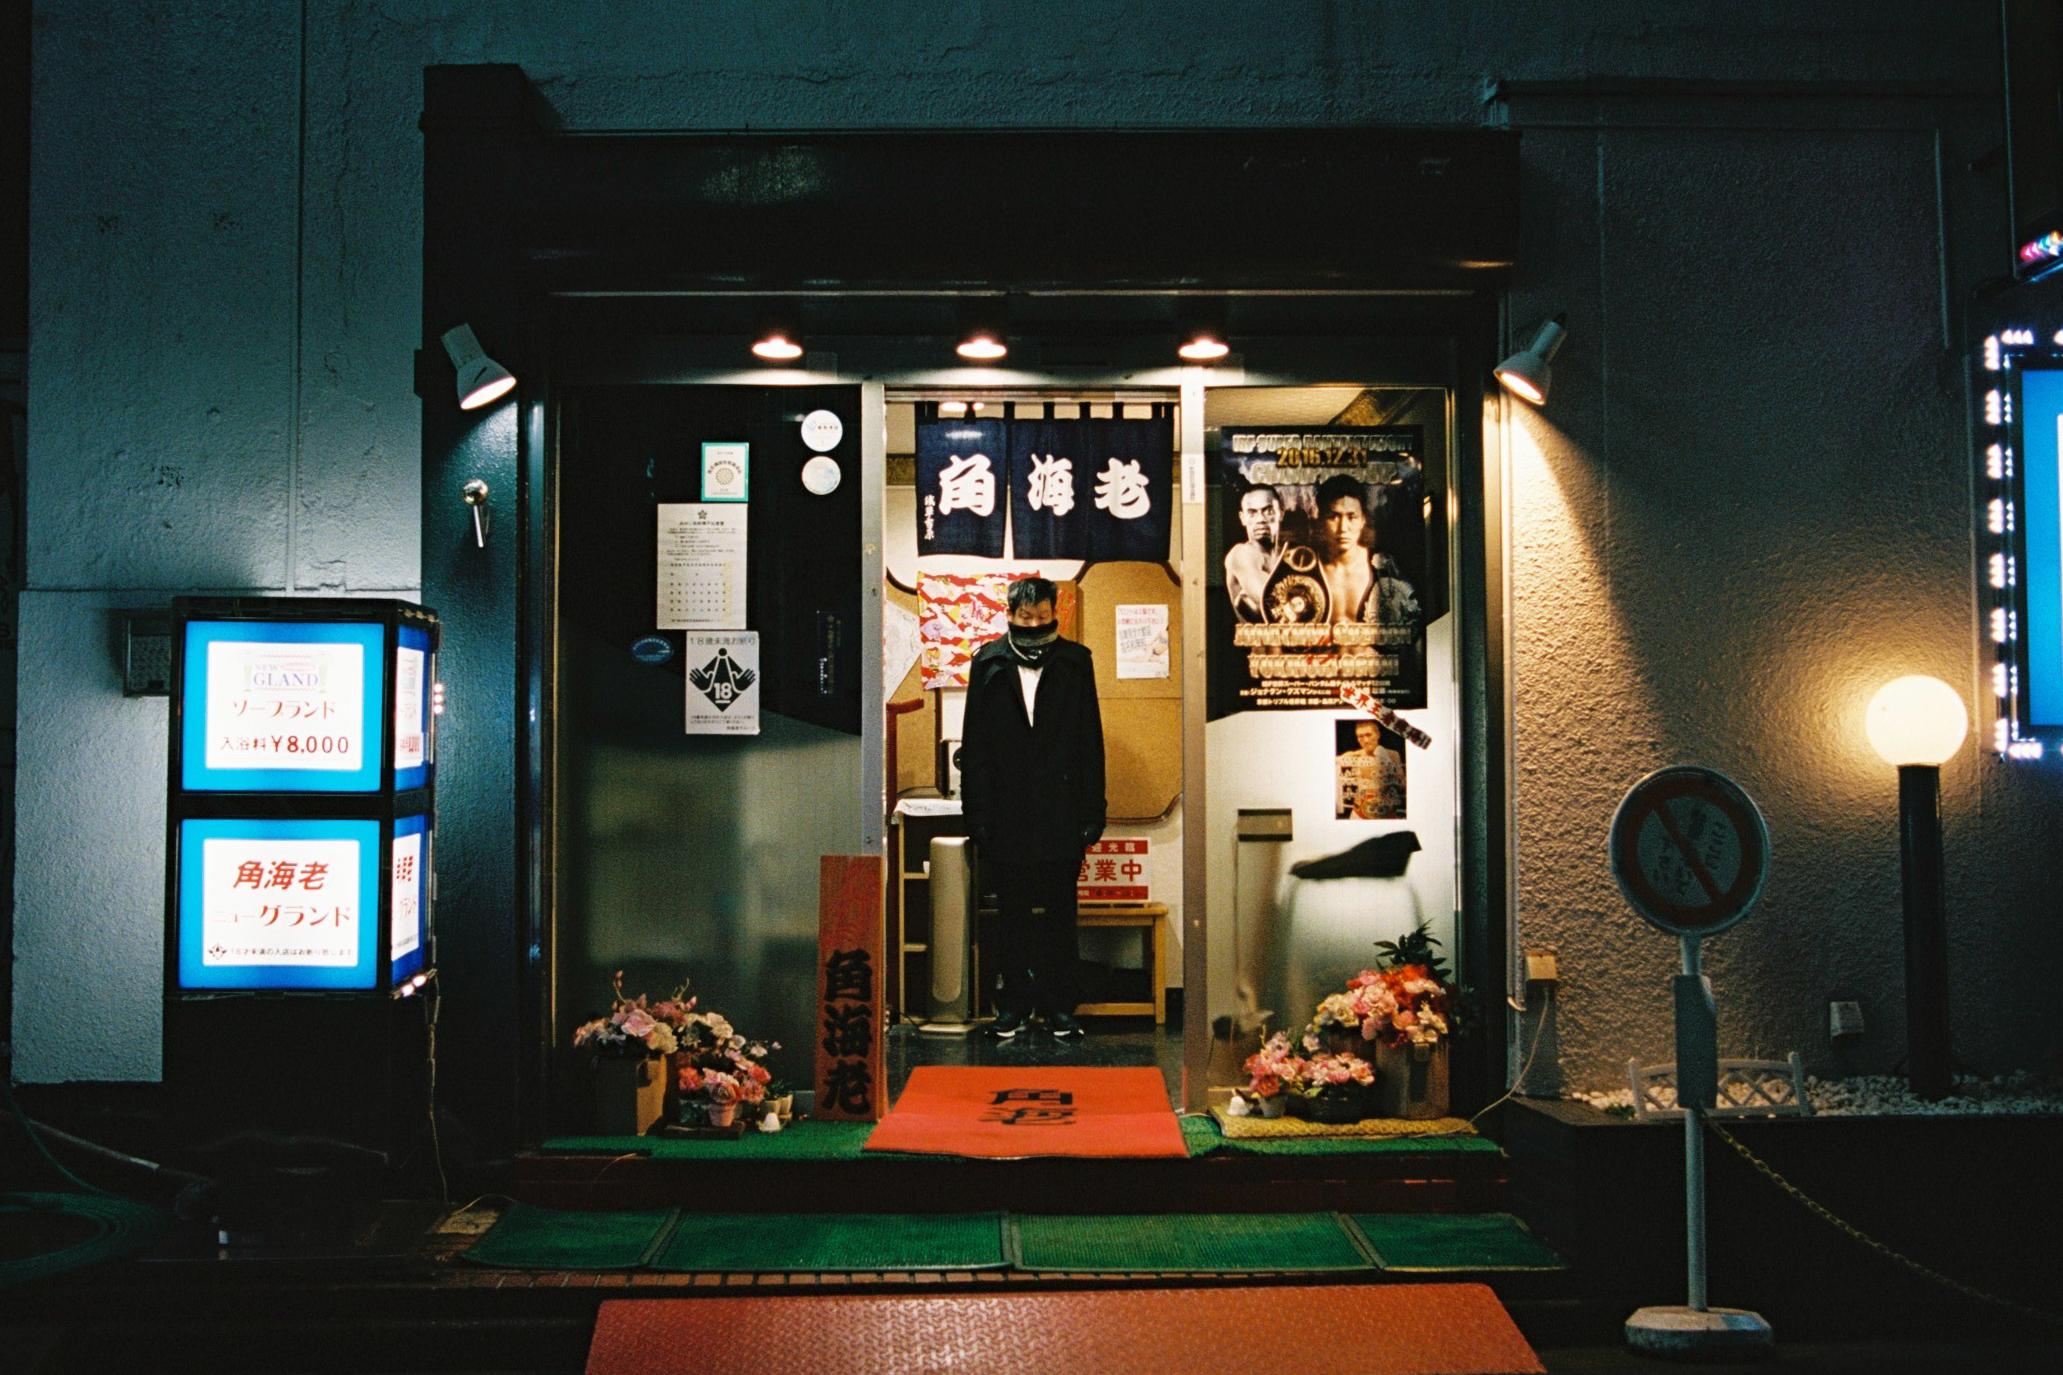 Japan-000035-2.jpg